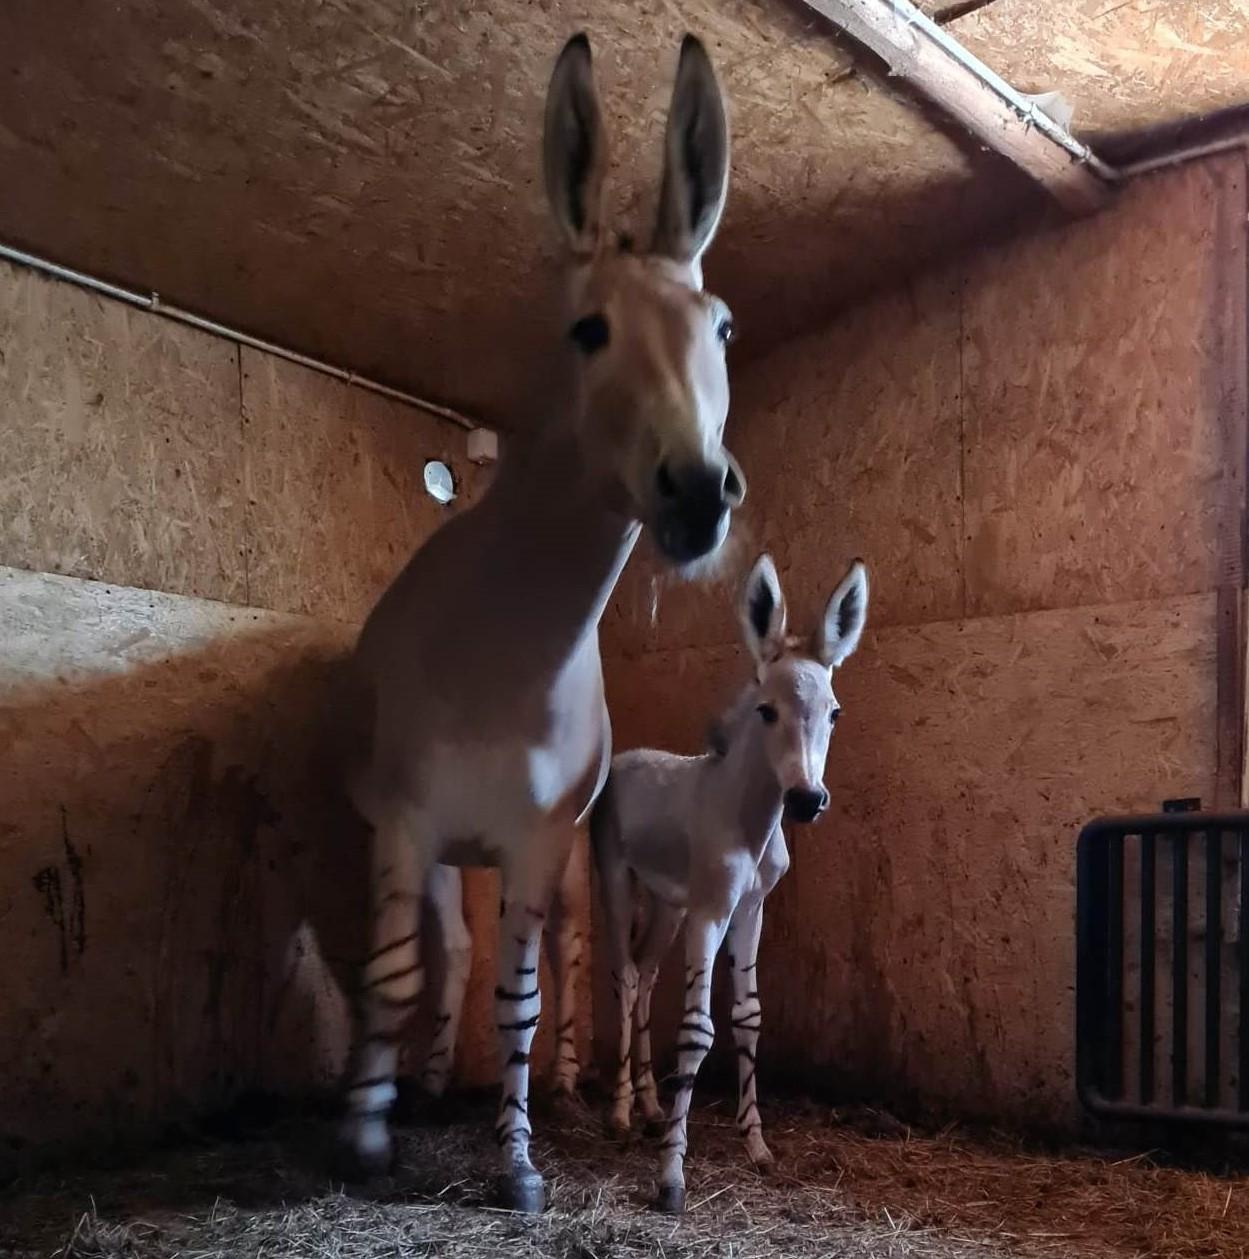 Kolejne narodziny w zoo. Tym razem to osioł somalijski [ZDJĘCIA] - Zdjęcie główne